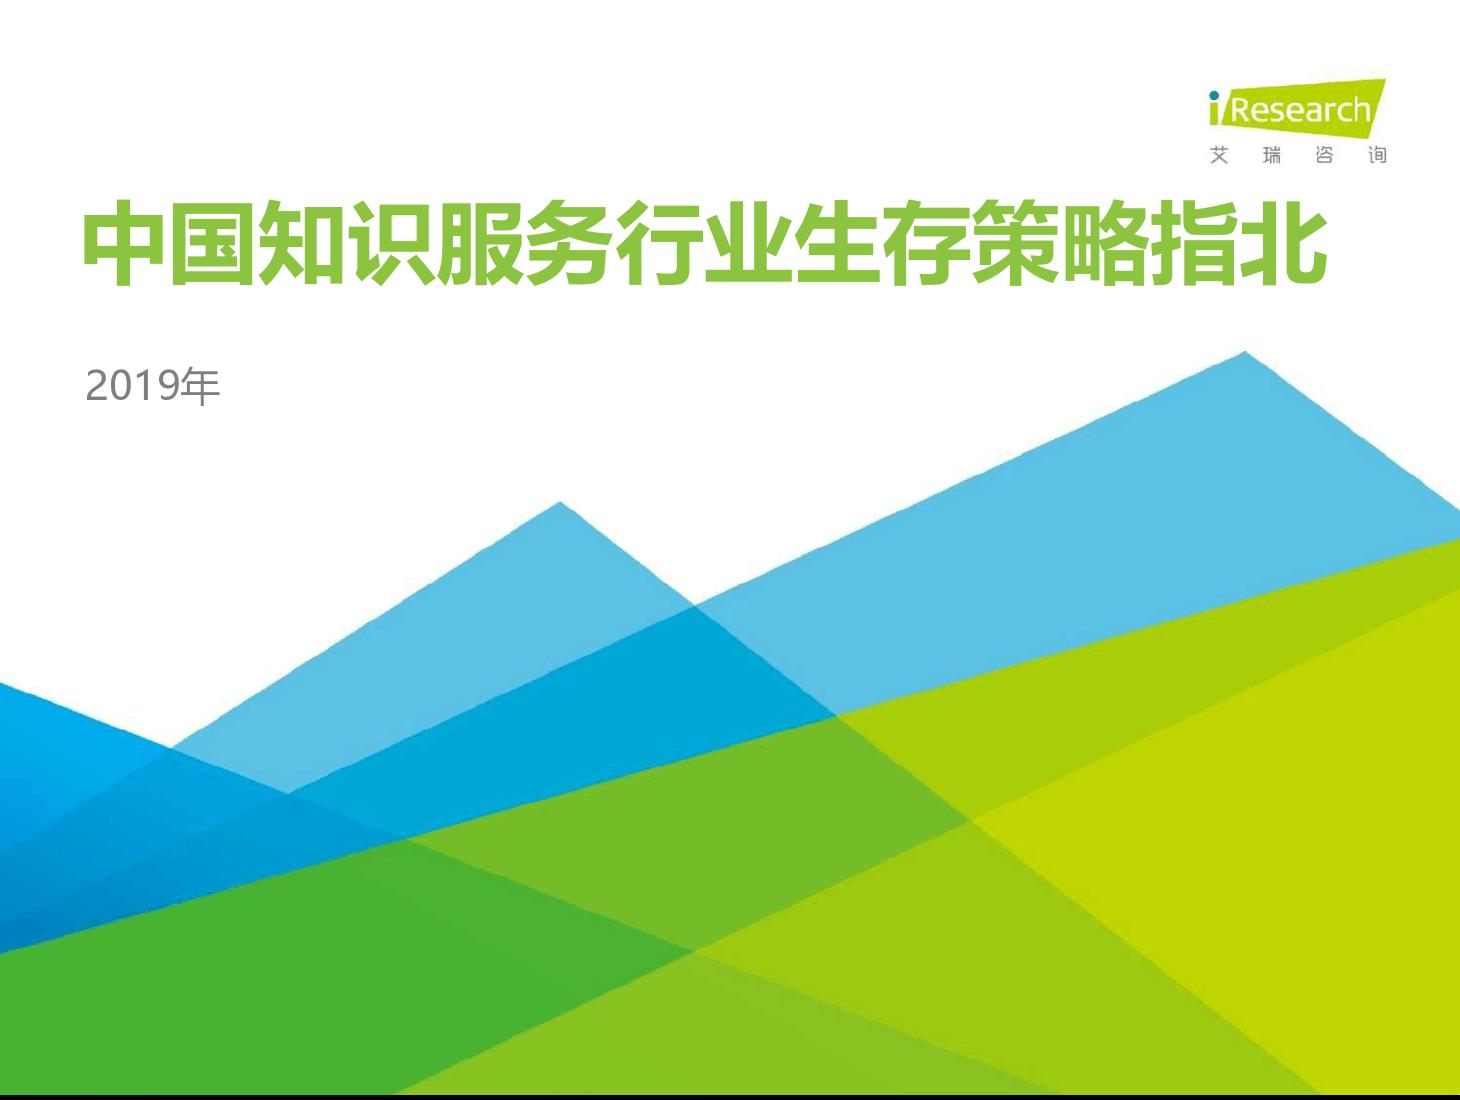 2019年中国知识服务行业生存策略指北-艾瑞-2019.11-50页(1)